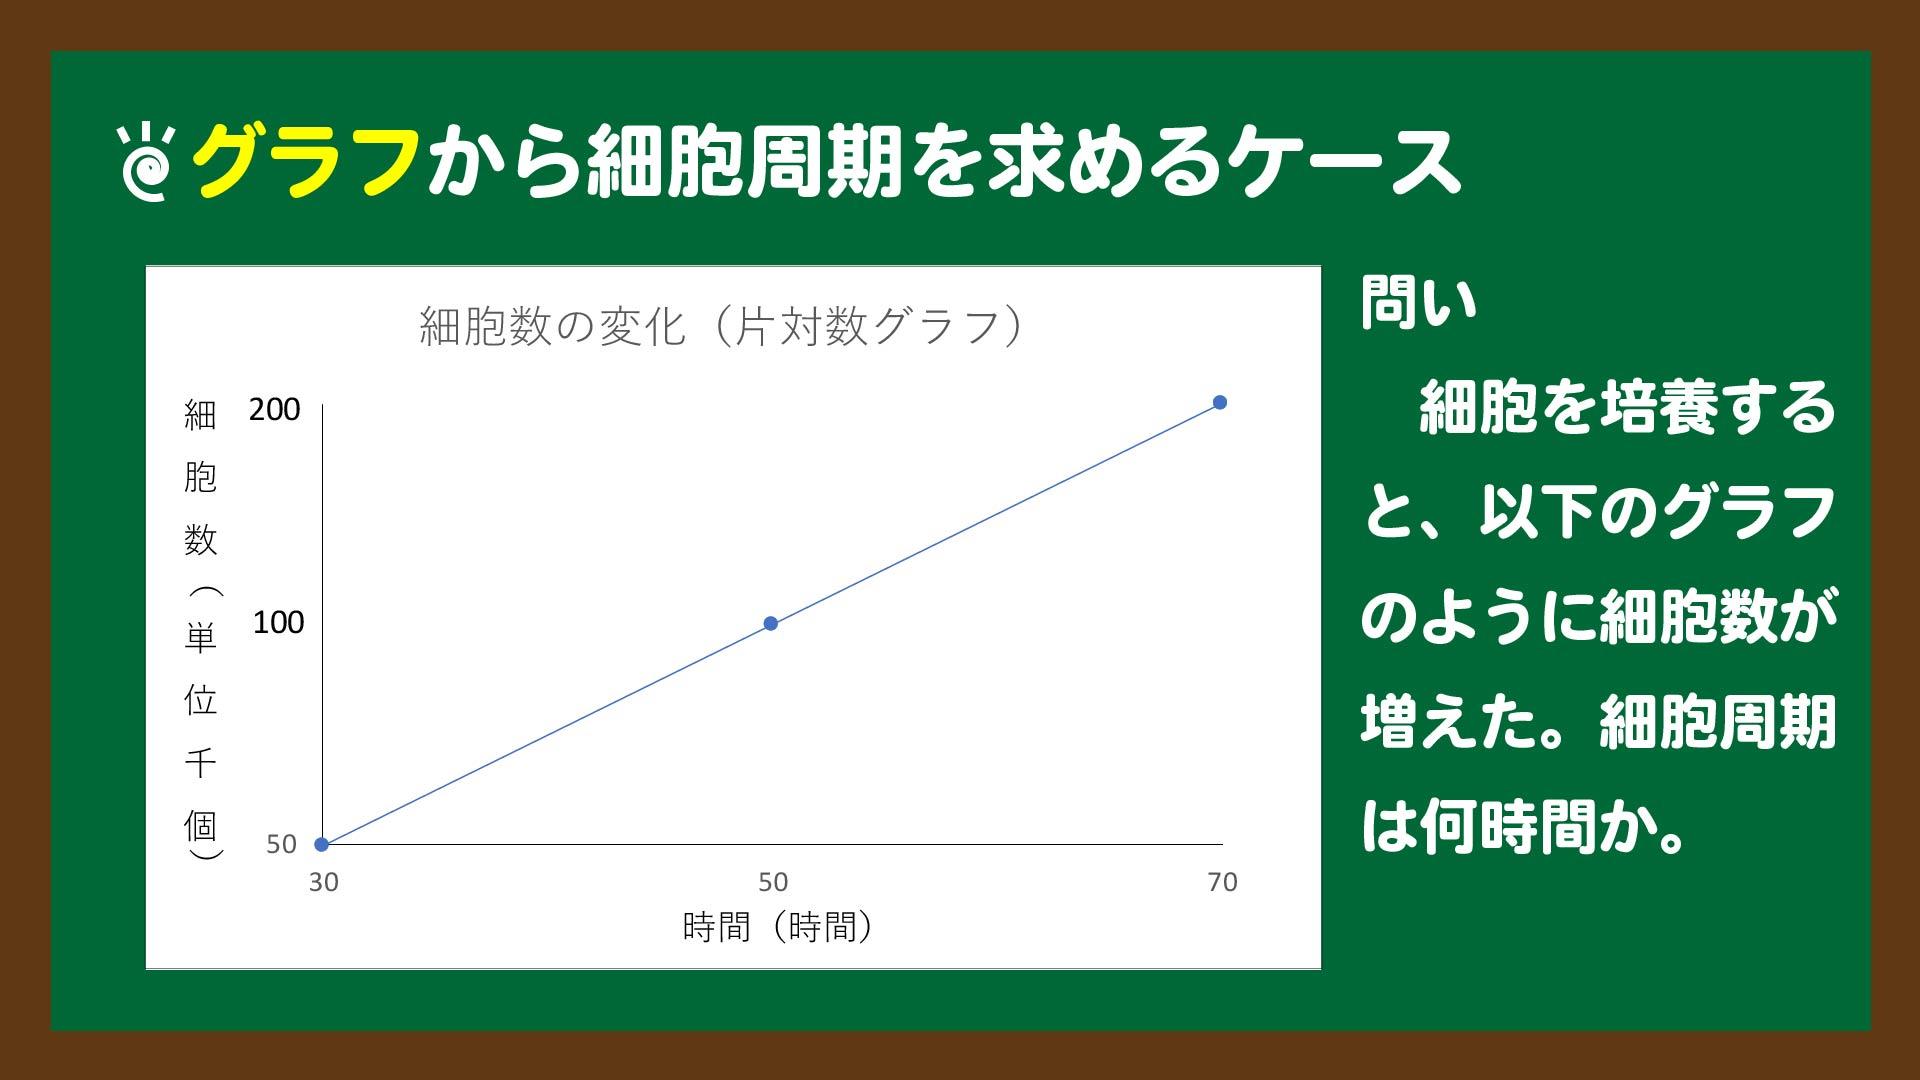 スライド4:グラフから細胞周期を求めるケースの問題